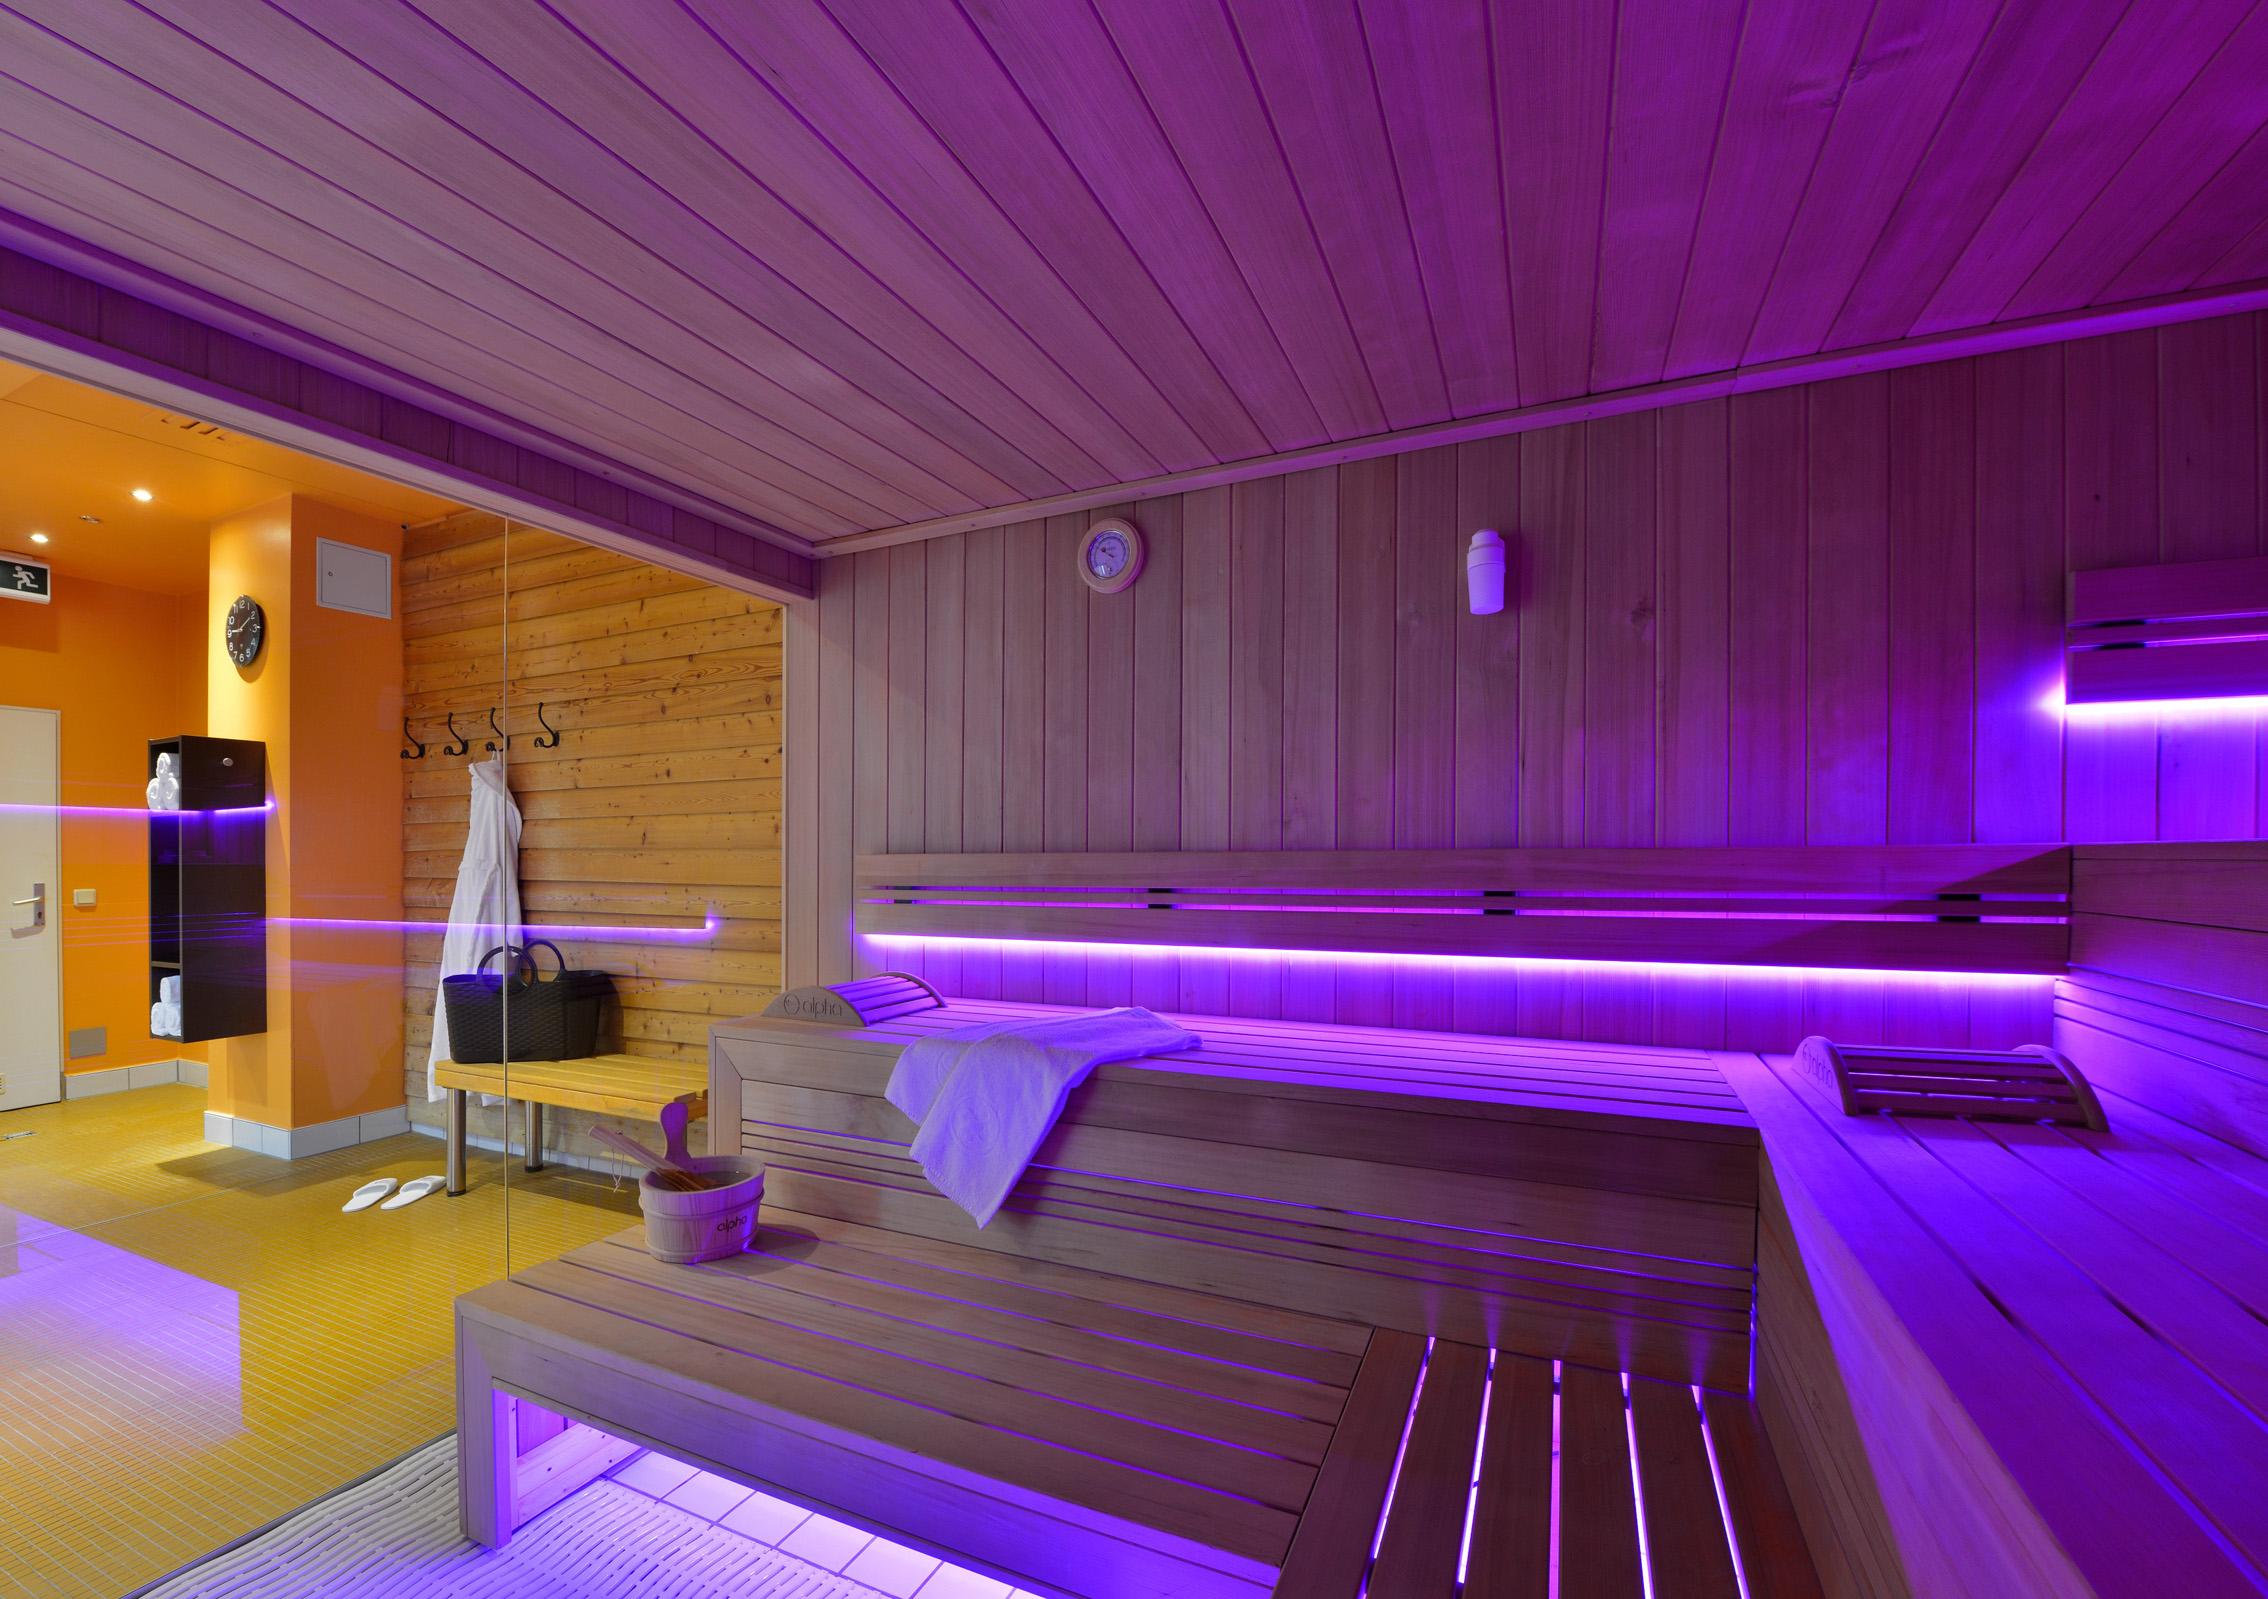 gesund saunieren in bad g gging. Black Bedroom Furniture Sets. Home Design Ideas